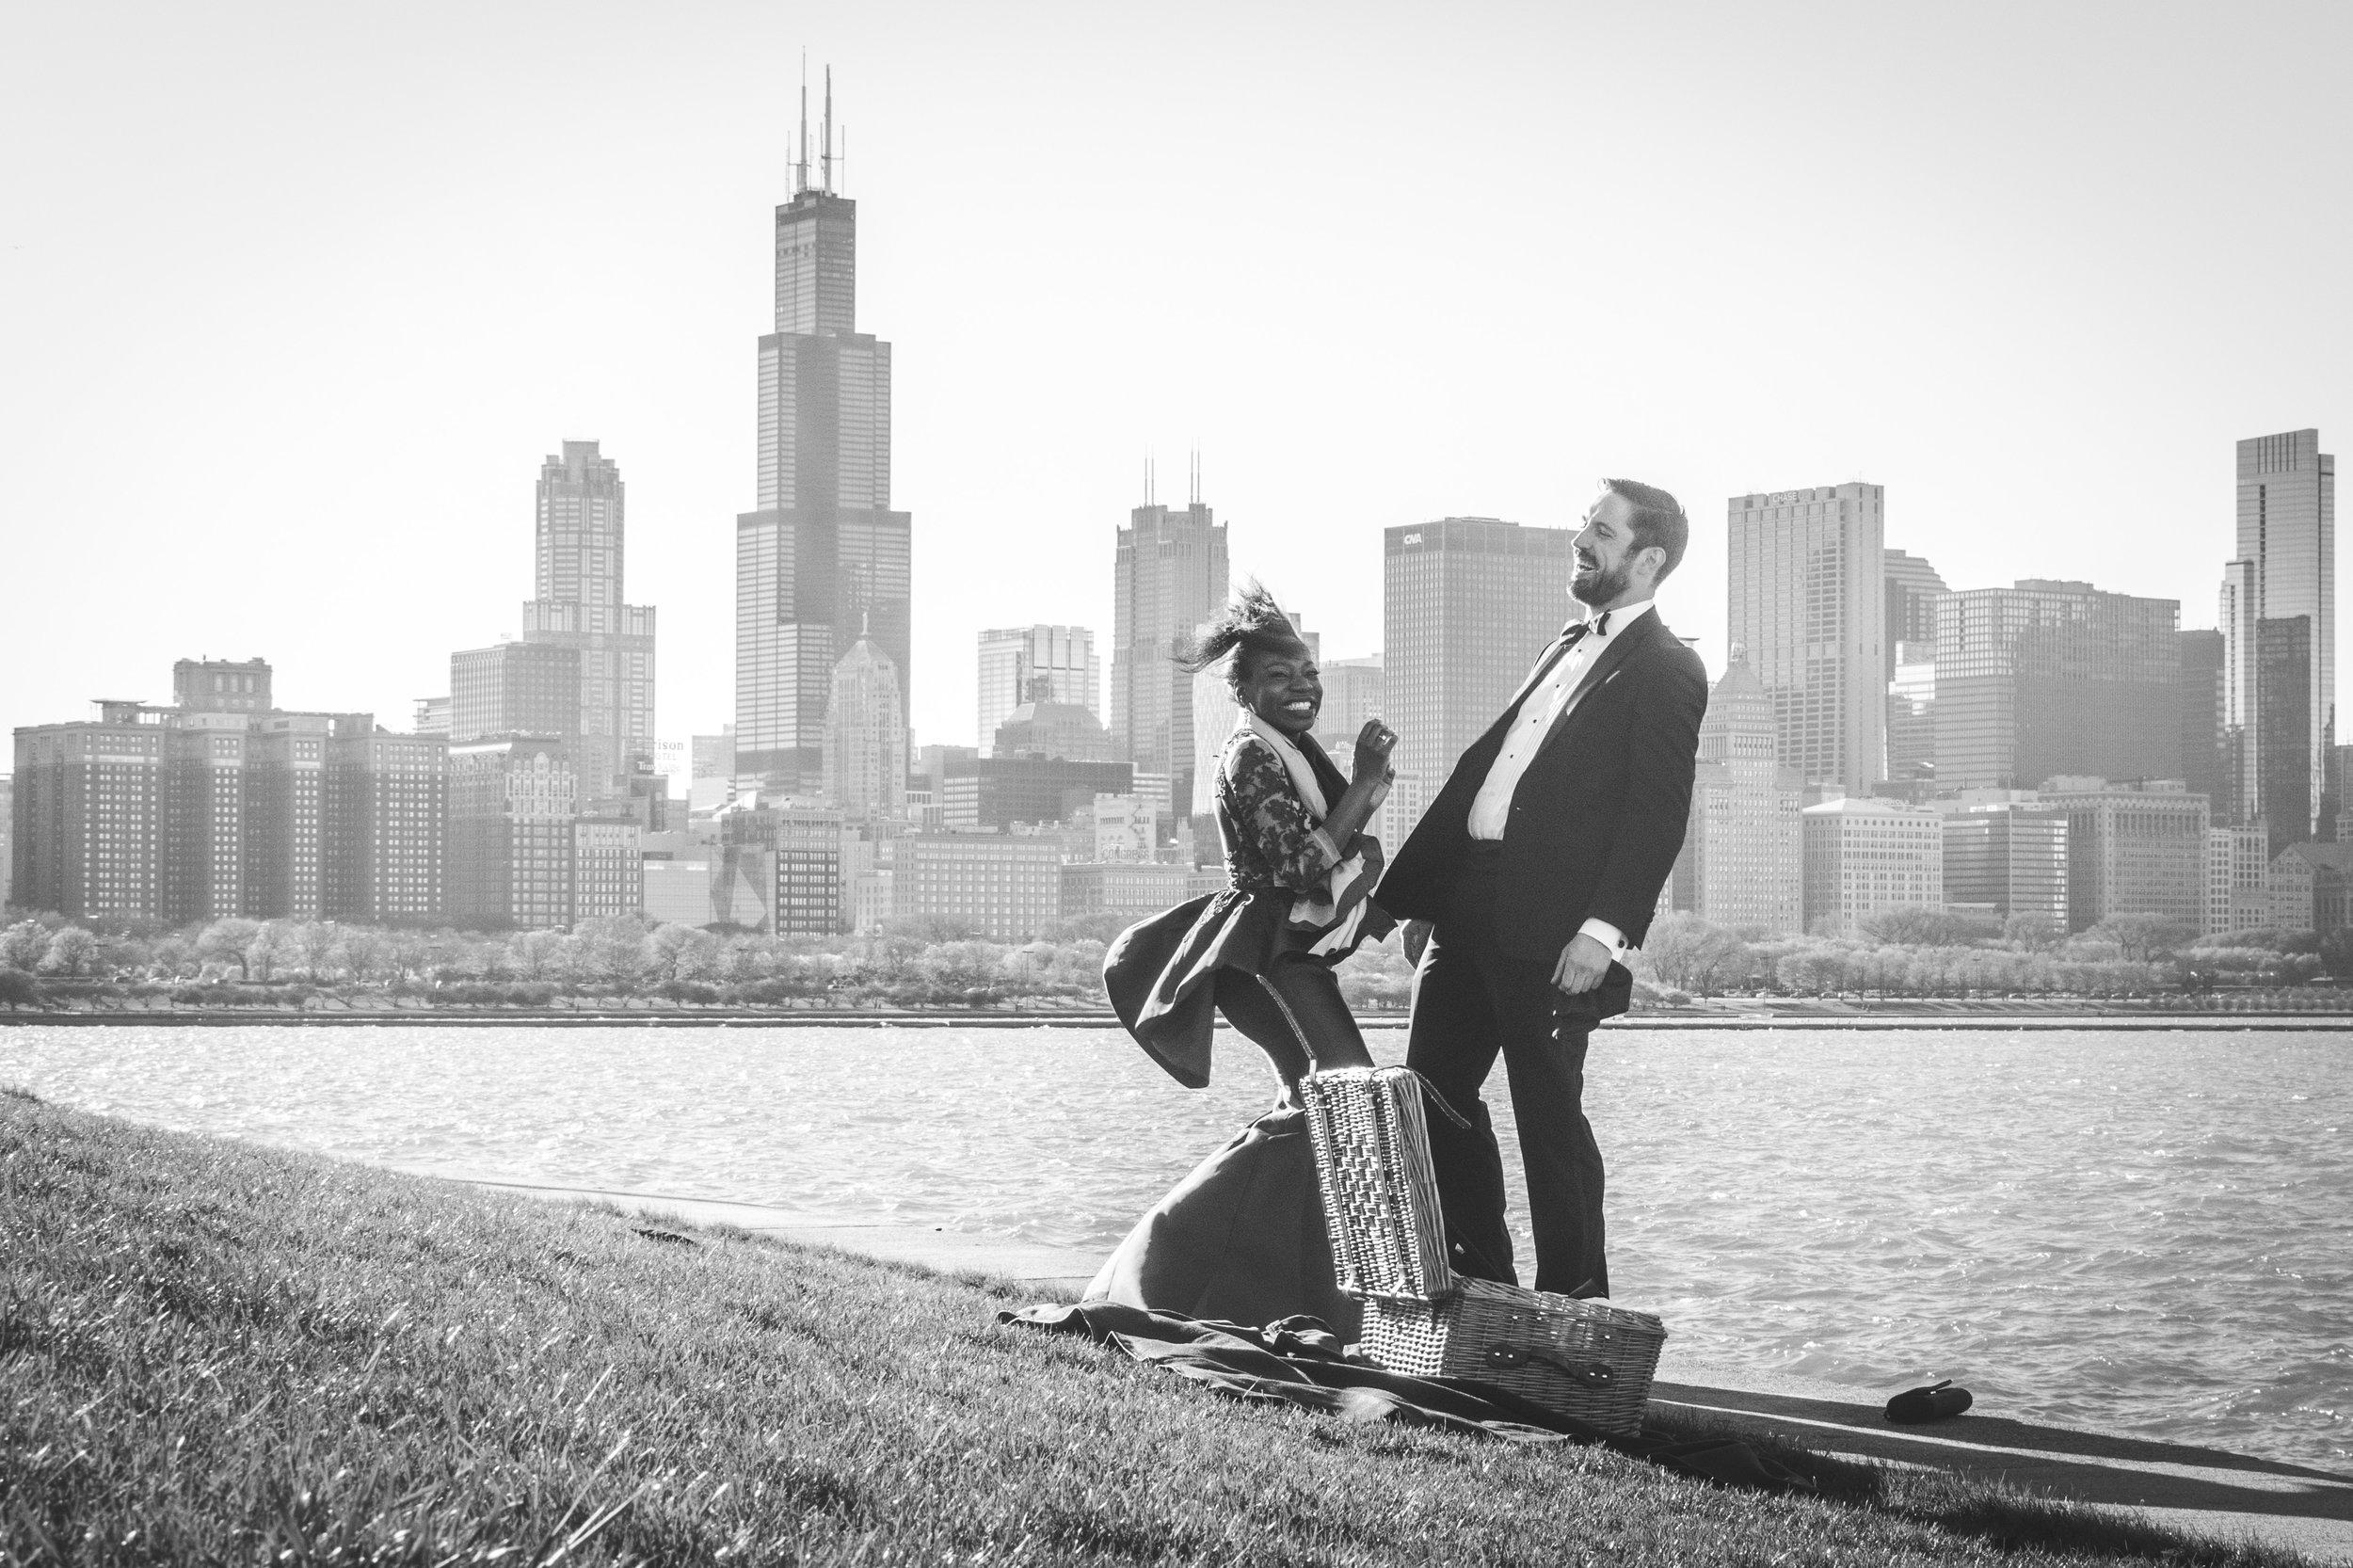 chicago, il - susan + jack